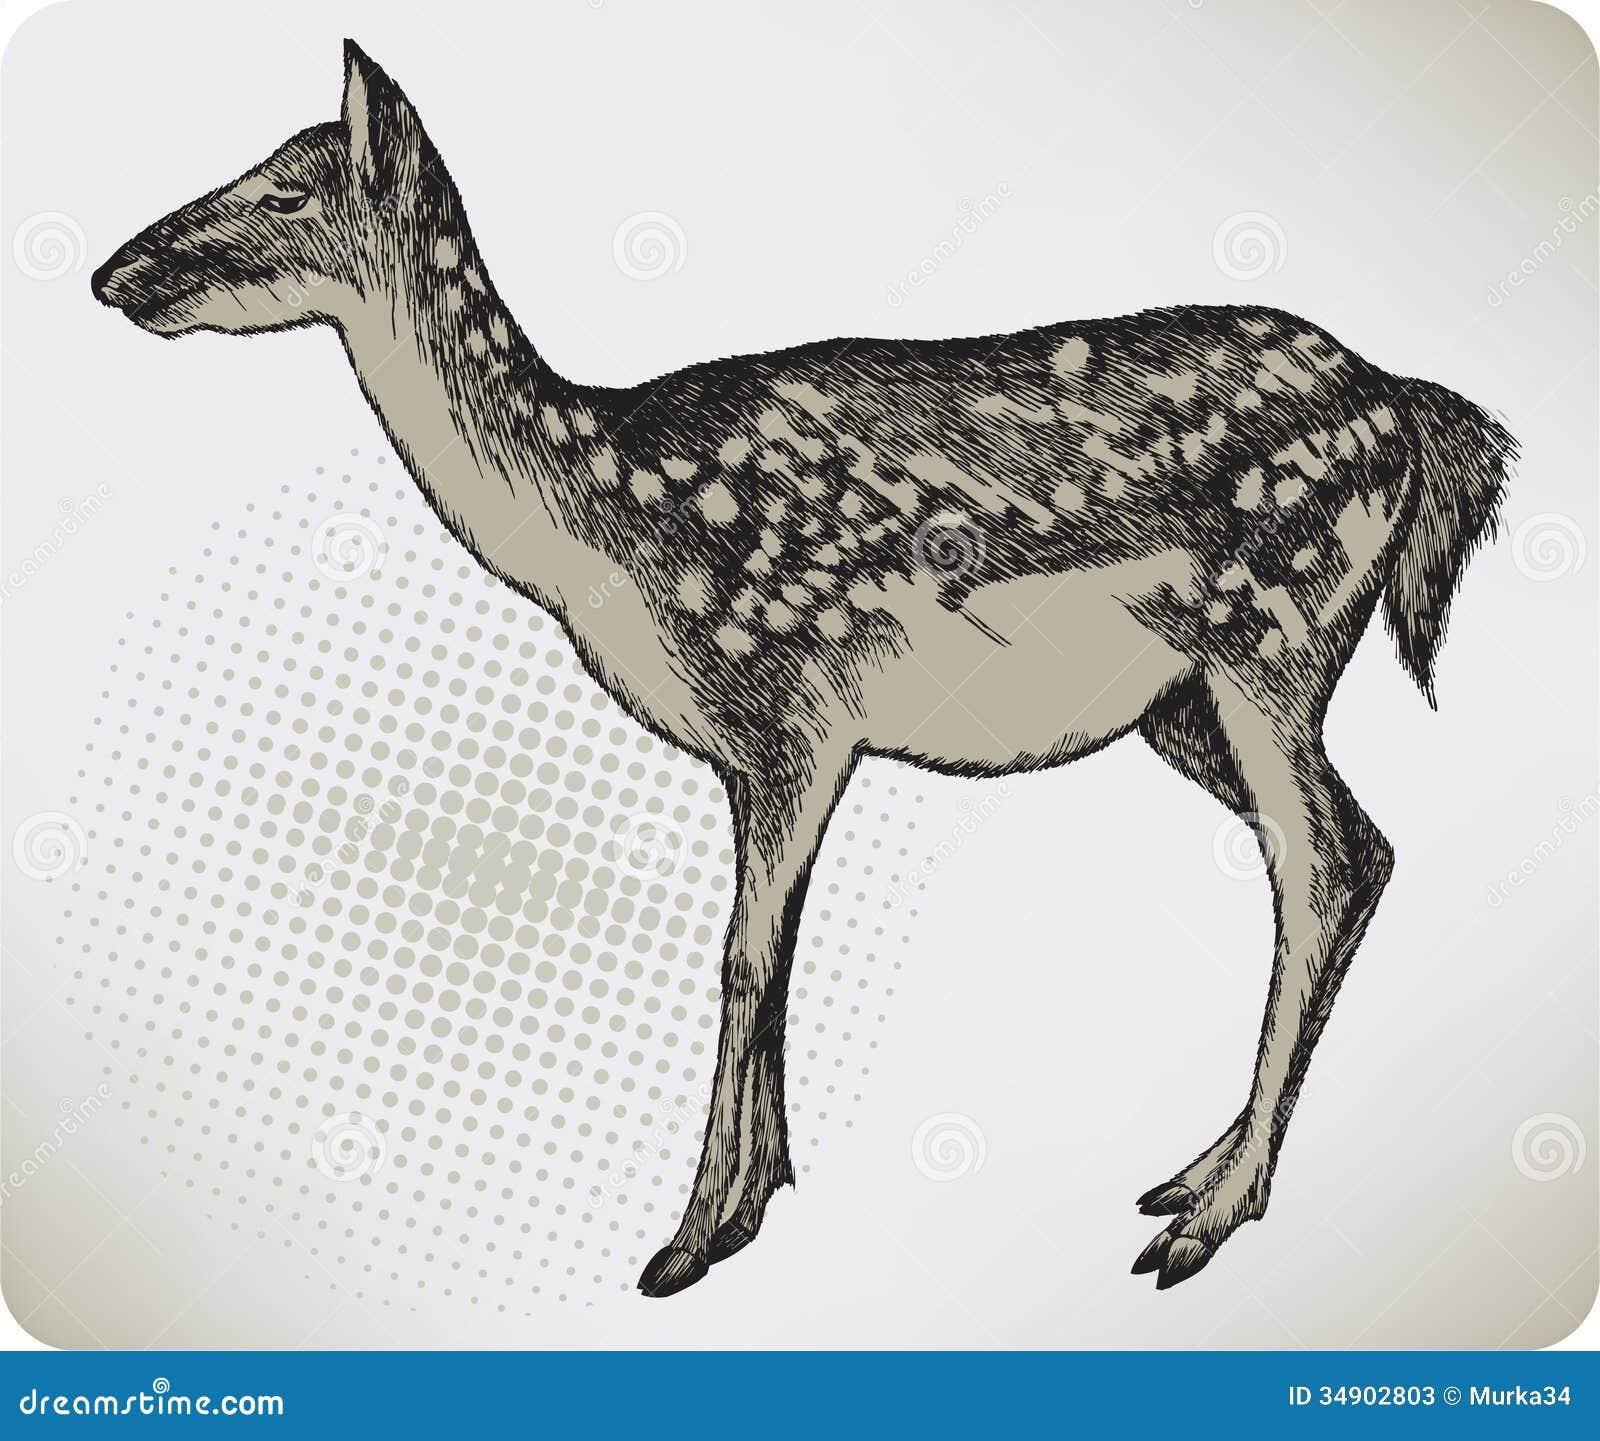 Deer High Quality Stock Image Cartoondealer Com 49412641